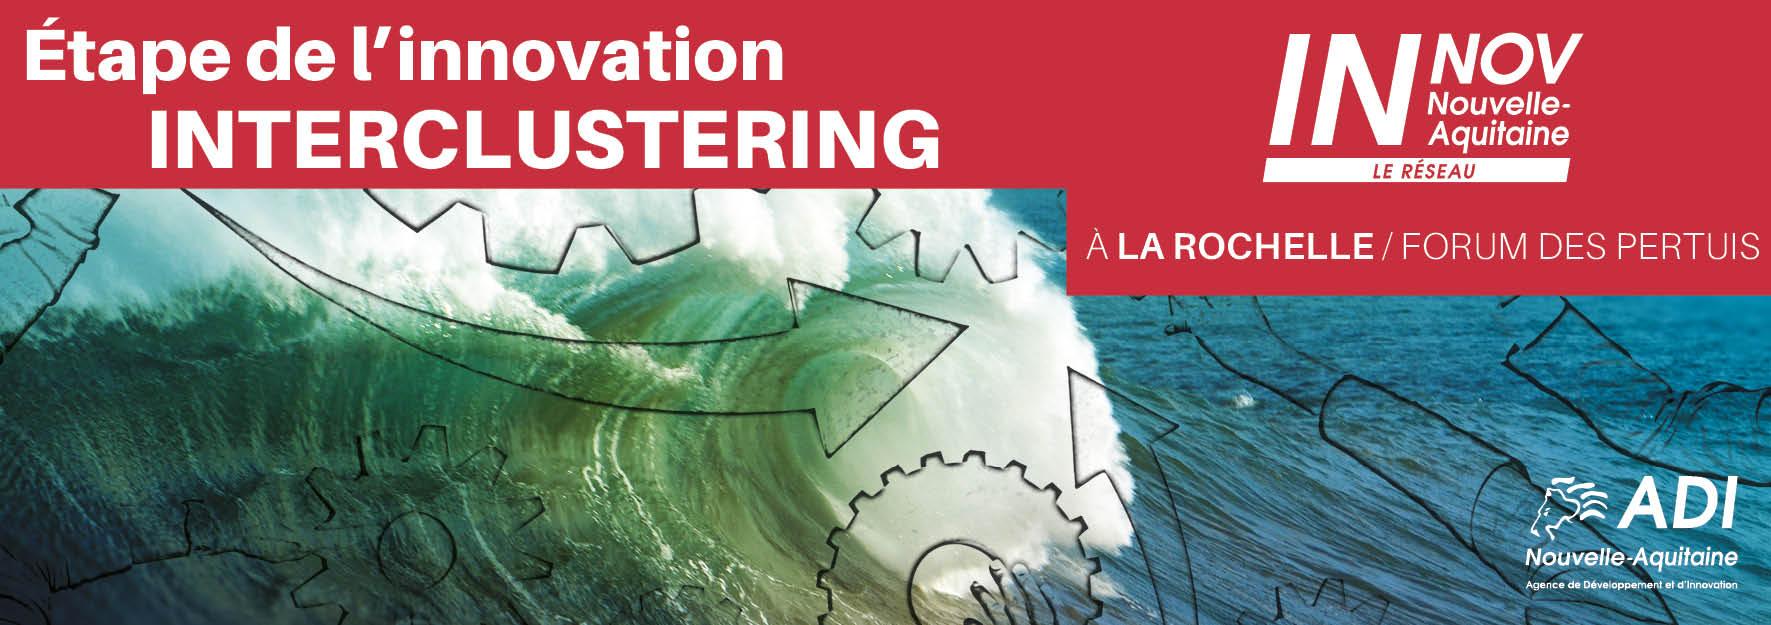 Étape de l'innovation INTERCLUSTERING